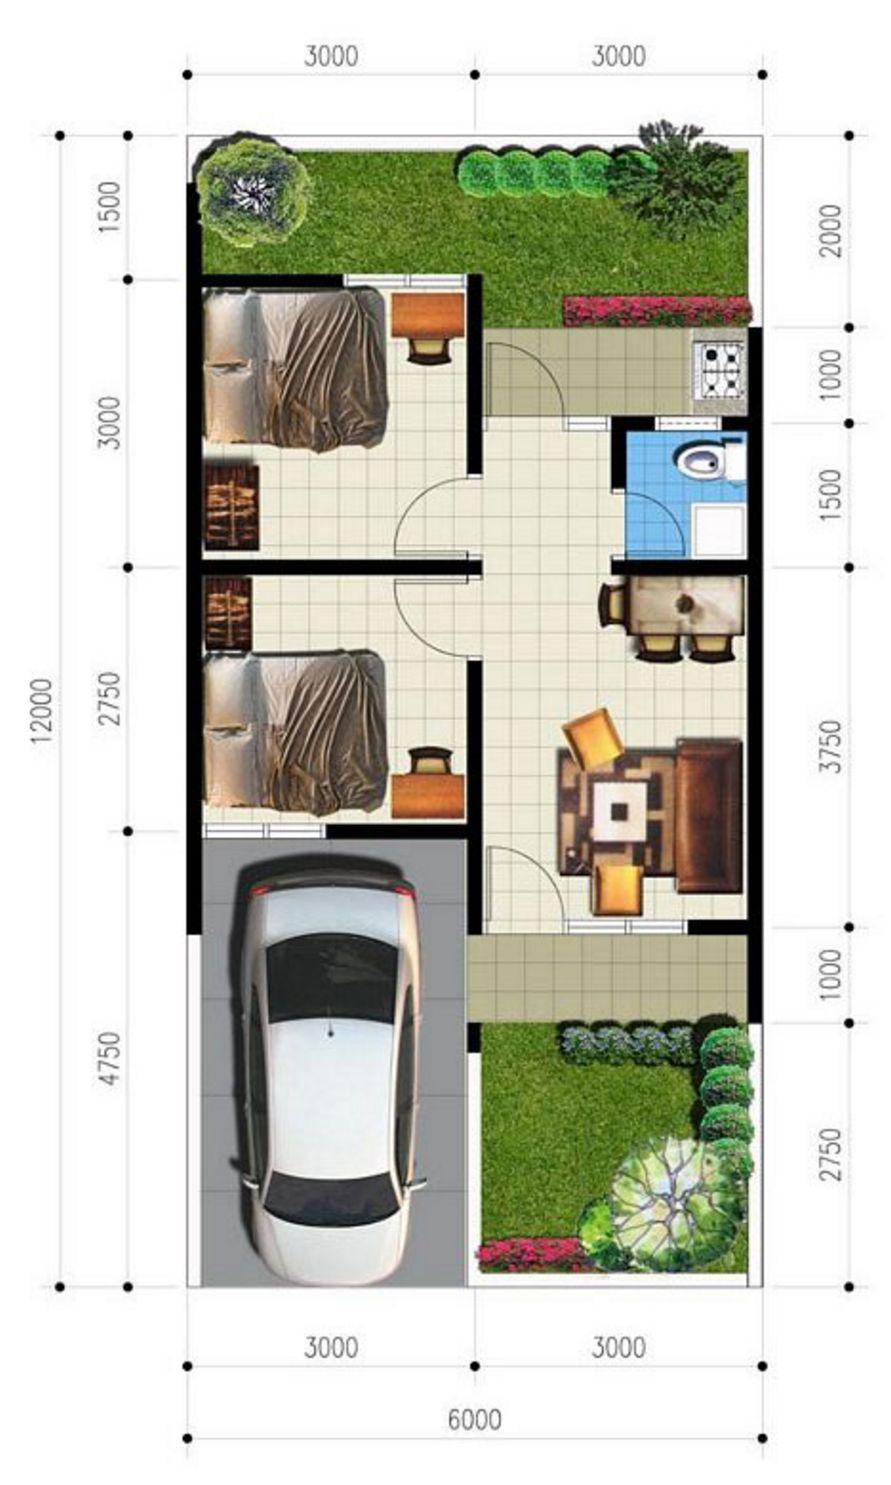 contoh denah ada garasi 6x12 yang populer